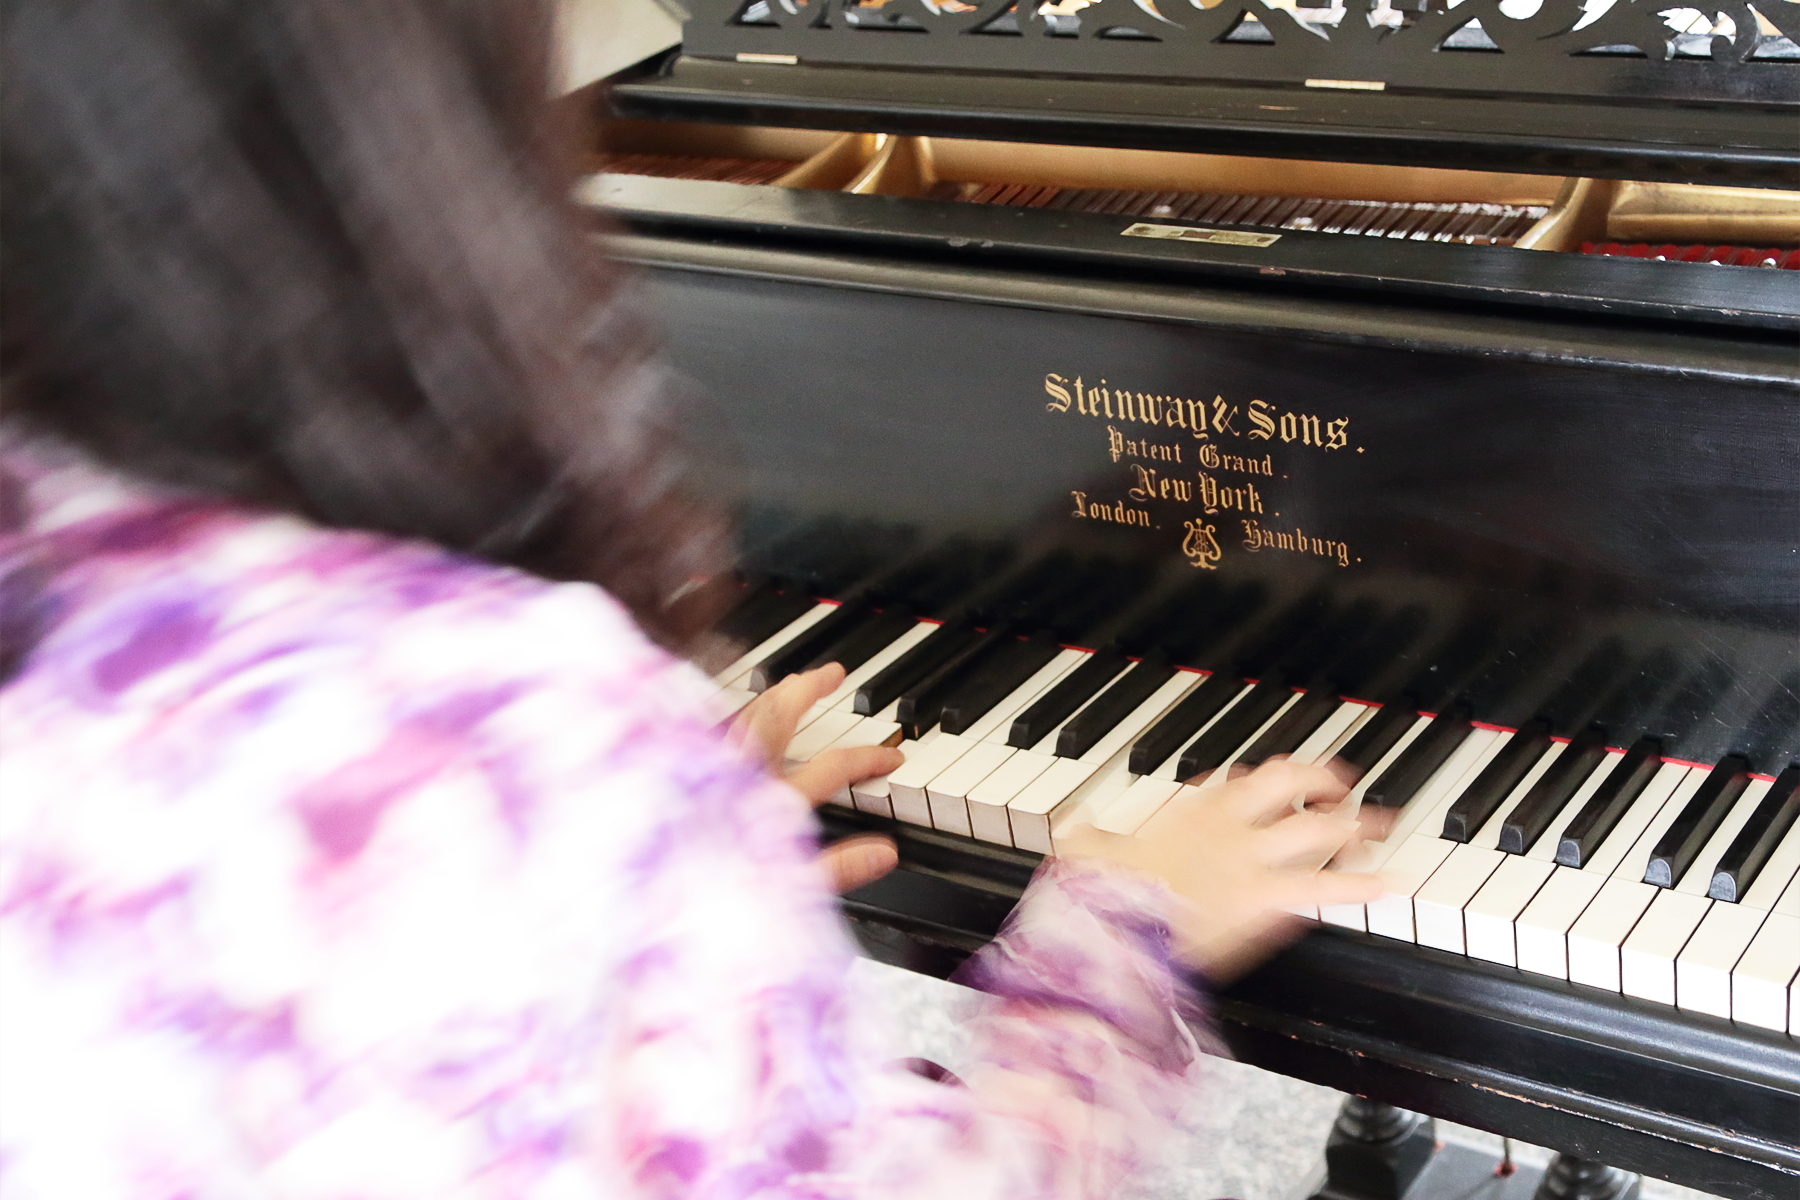 Piano_Play_9_DPP_0006.png